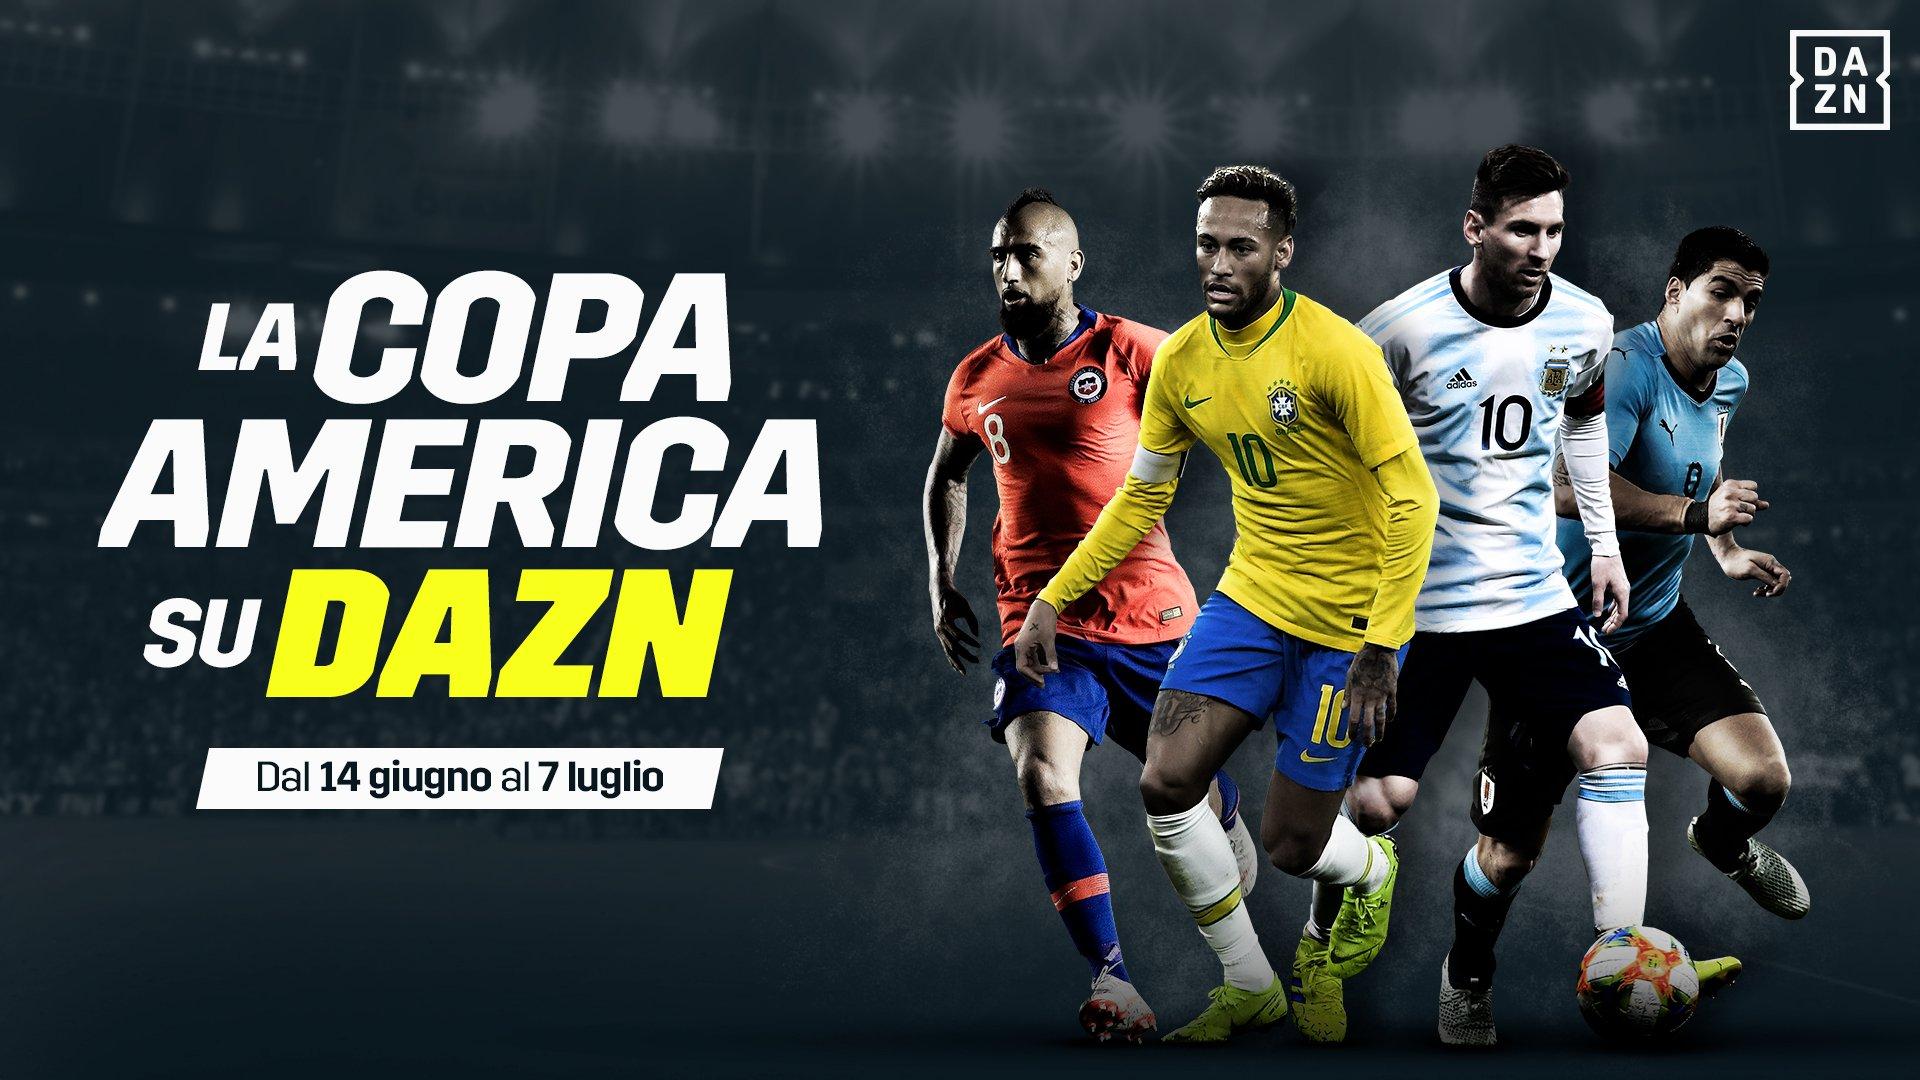 DAZN ufficializza Coppa America 2019 (dal 14 Giugno al 7 Luglio)